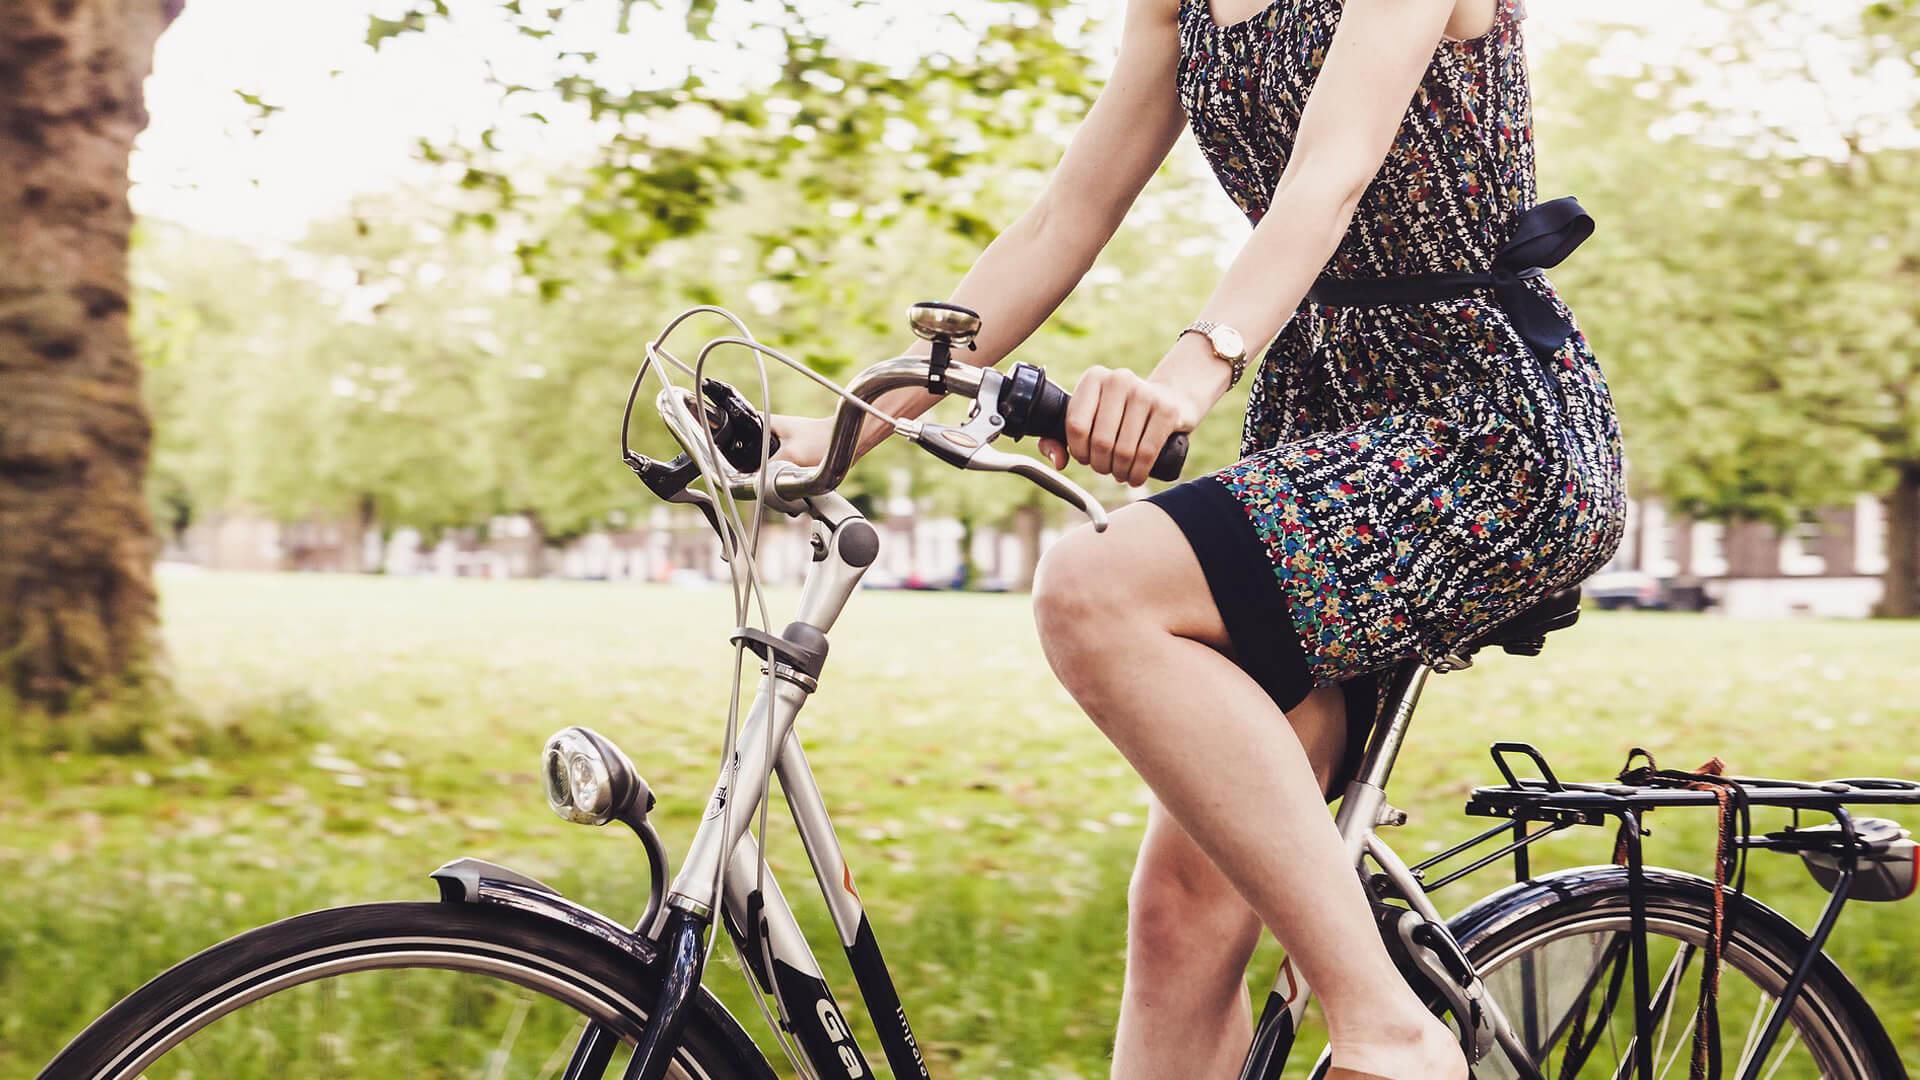 Radfahren in Garmisch-Partenkirchen – Frau auf Fahrrad